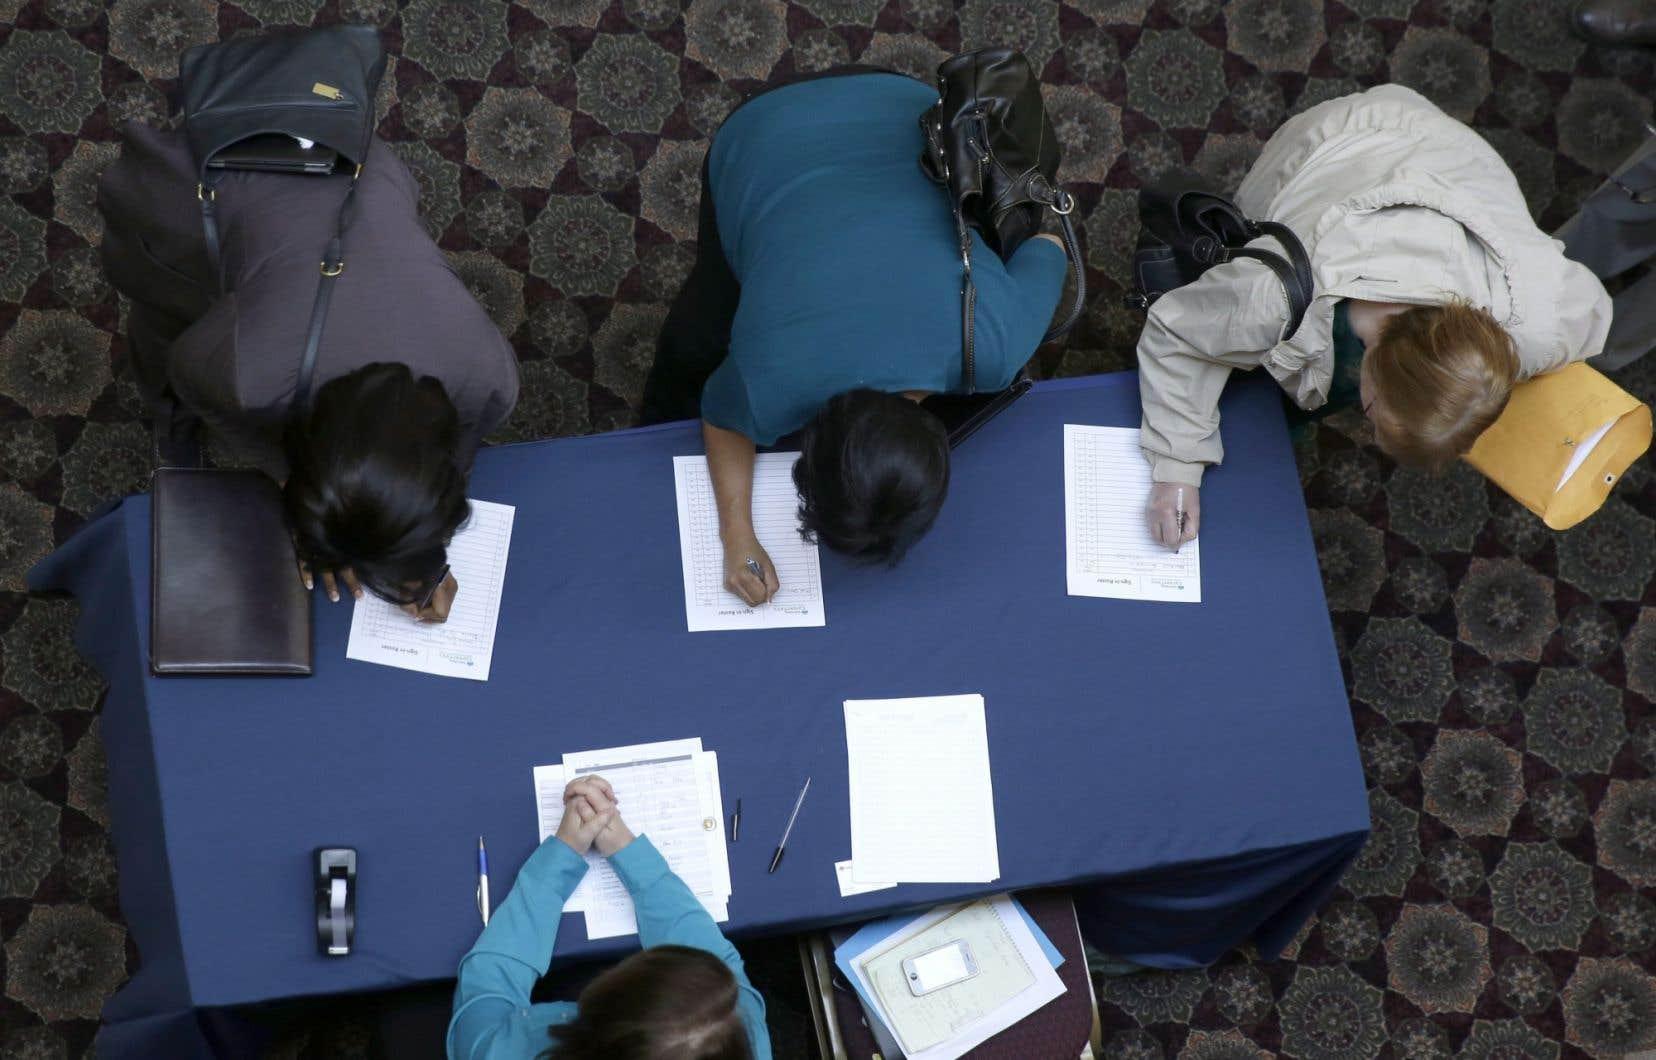 Des chercheuses d'emploi s'inscrivent à une «foire de l'emploi», à Dallas, une occasion de rencontrer d'éventuels employeurs. Plusieurs chômeurs qui avaient abandonné leur recherche d'emploi ont repris espoir au cours du mois de mars, ce qui a une incidence sur le taux de chômage.